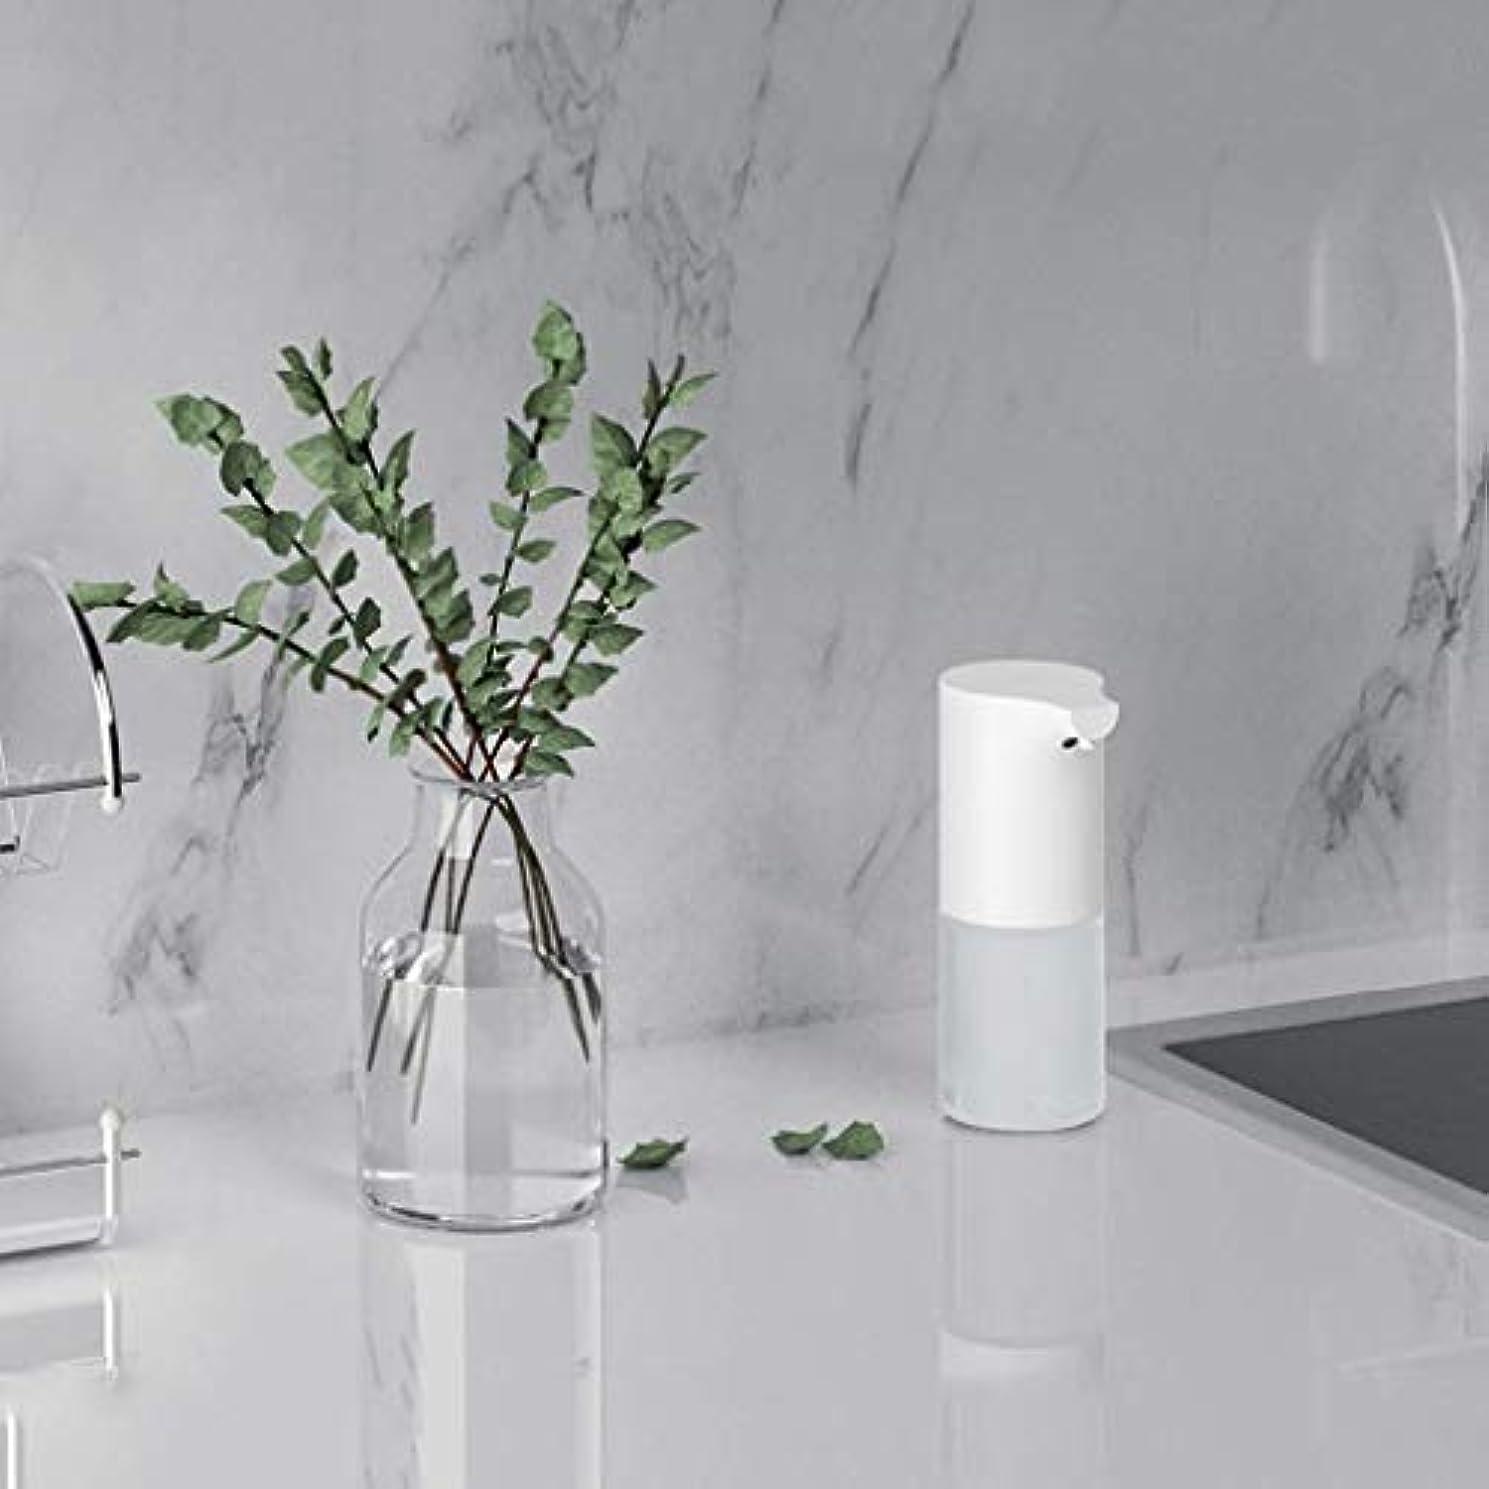 学習者減らす論文赤外線センサー泡手消毒剤320ミリリットル環境保護素材石鹸ボトルキッチンバスルームローション(色:白、サイズ:19 * 9.8 * 7.3 cm) (Color : White, Size : 19*9.8*7.3cm)